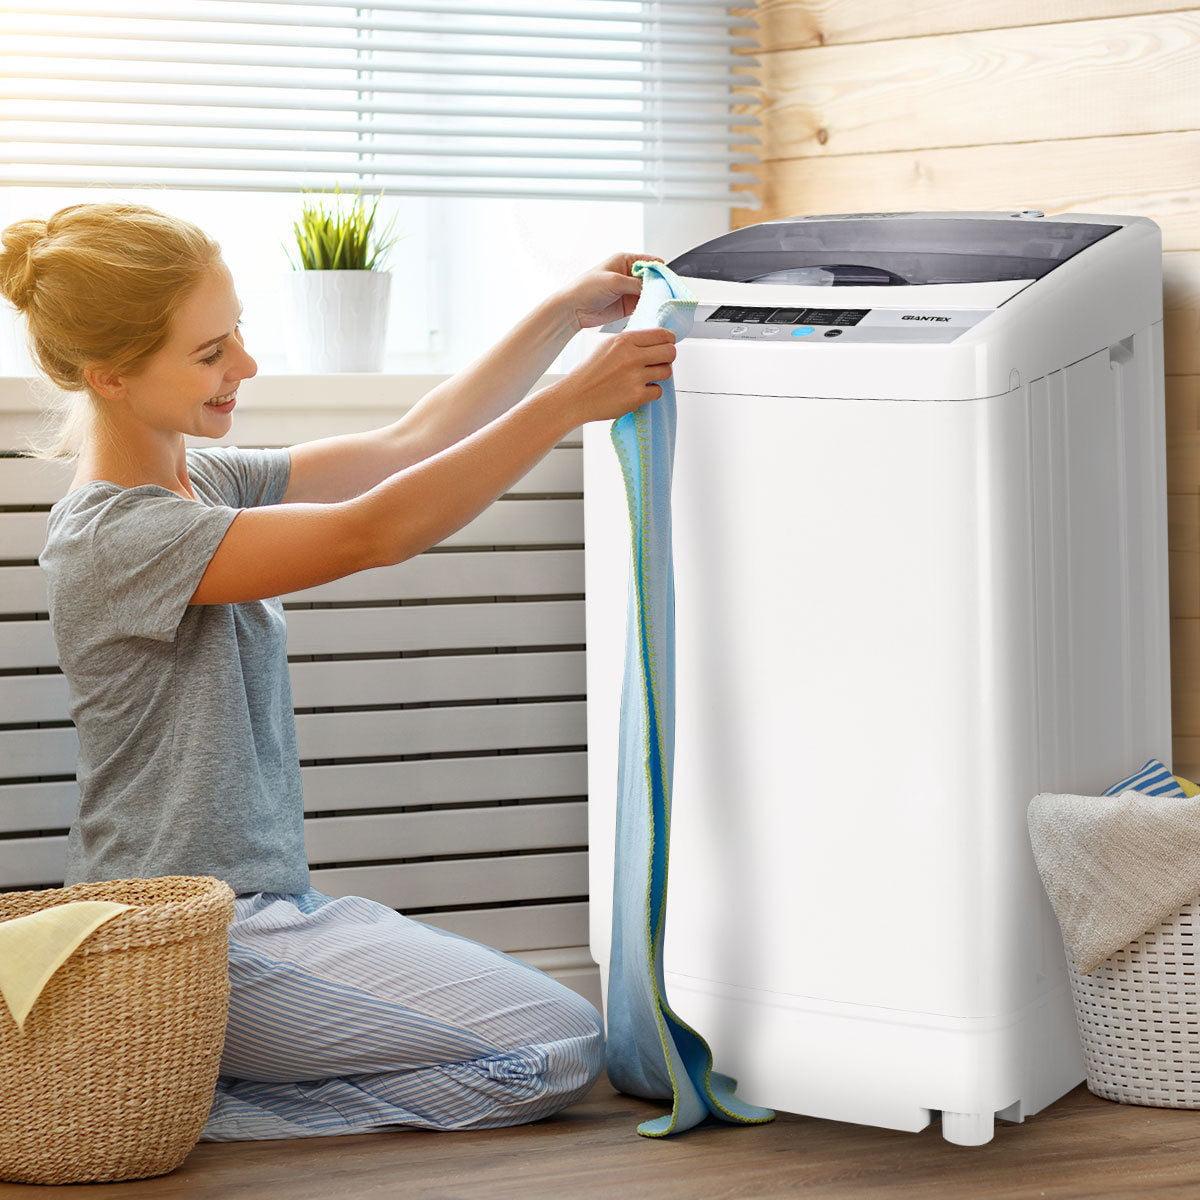 Giantex Portable Washing Machine Spin Compact Washer 1.6 ...